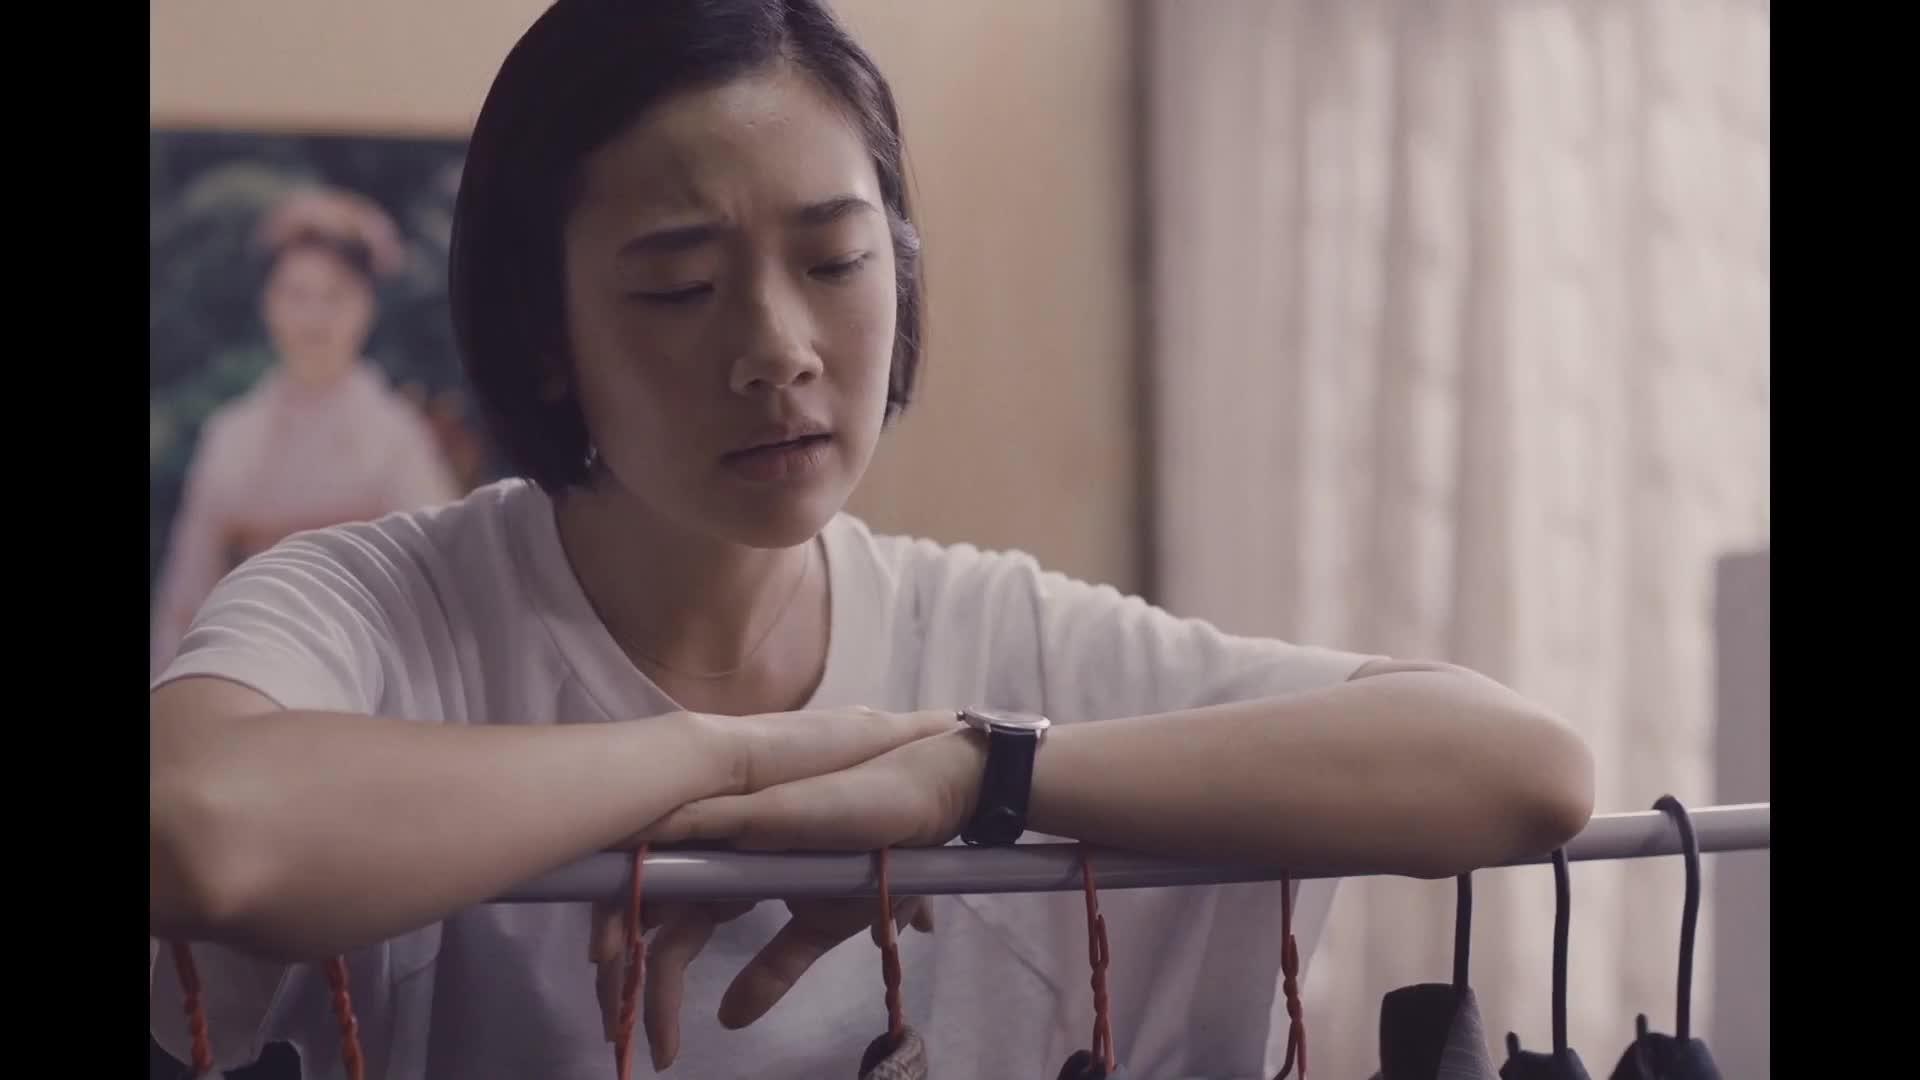 Happy Old Year (2019) ฮาวทูทิ้ง..ทิ้งอย่างไรไม่ให้เหลือเธอ Netflix